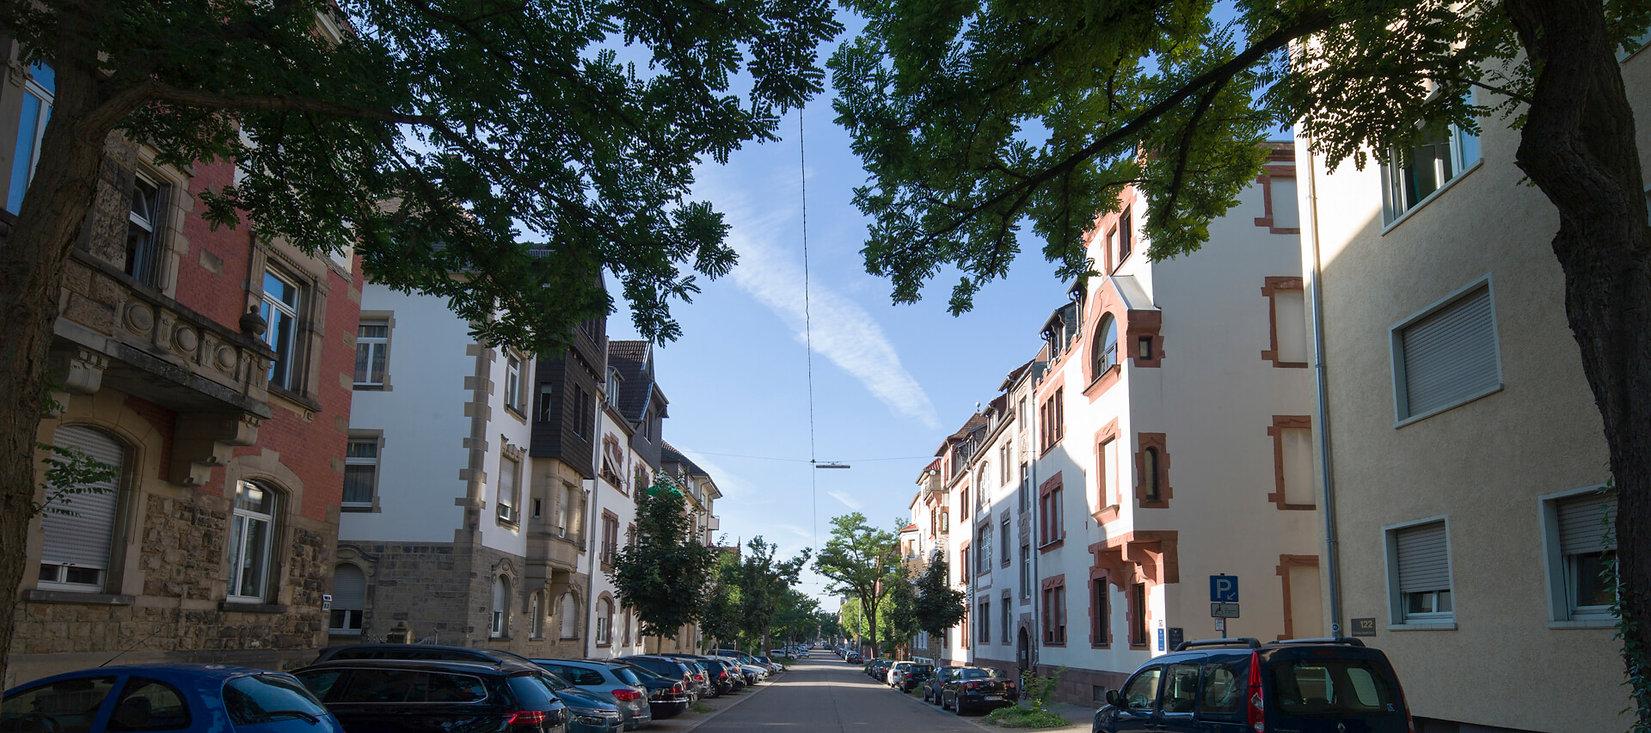 Weilandt Rechtsanwälte, Hirschstraße 124, D 76137 Karlsruhe